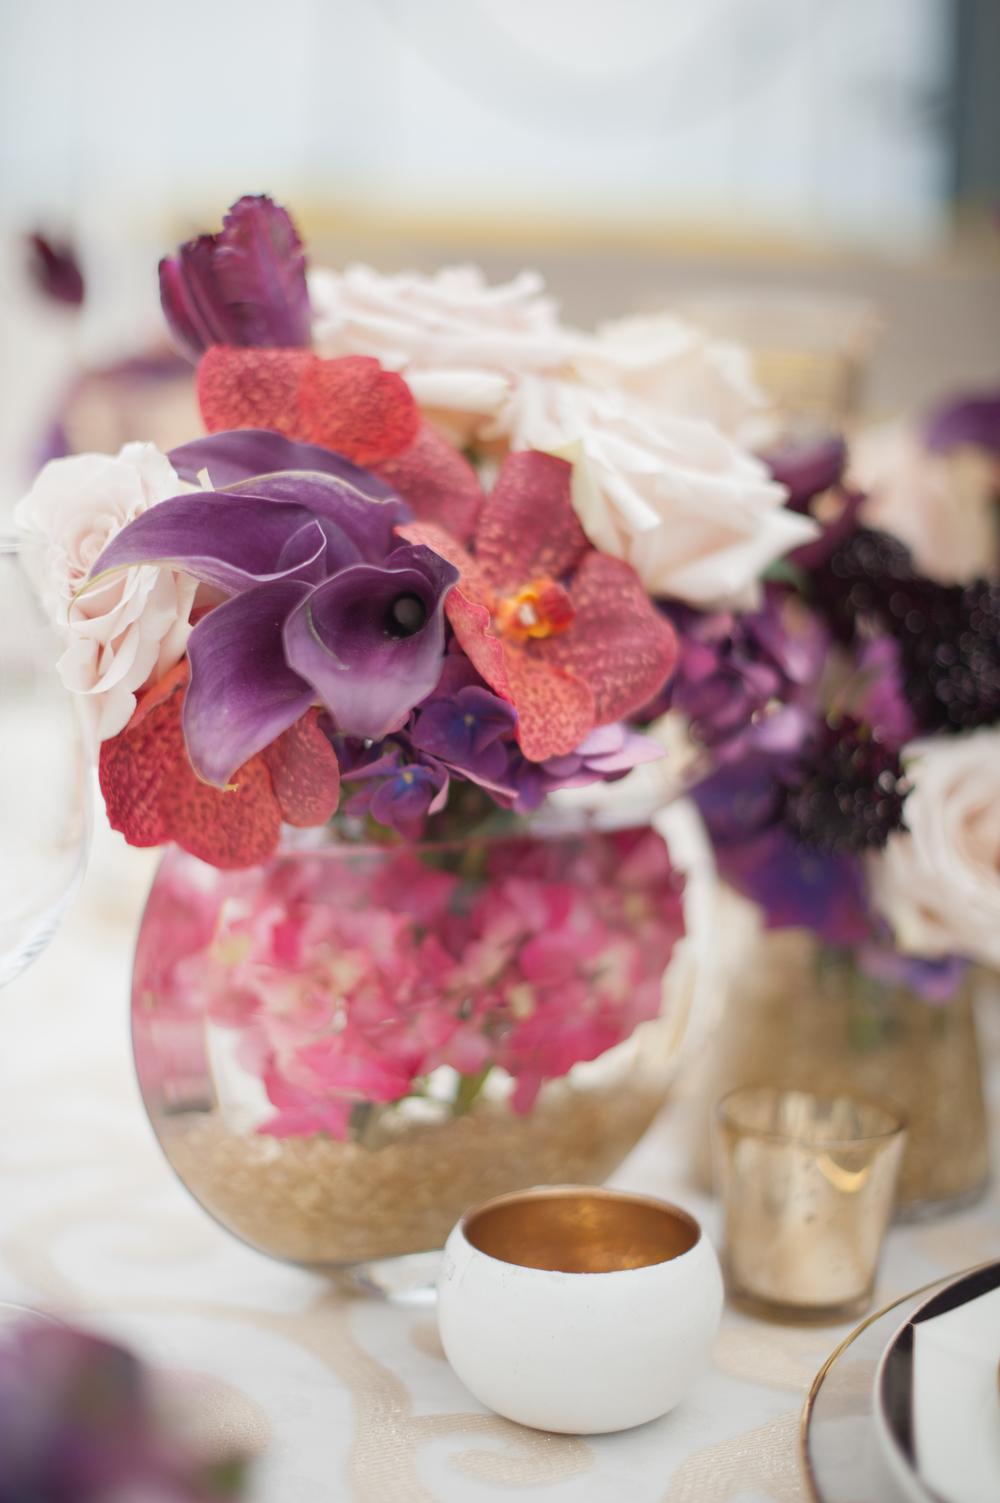 ThompsonHotel_modern_wedding_toronto-26.jpg